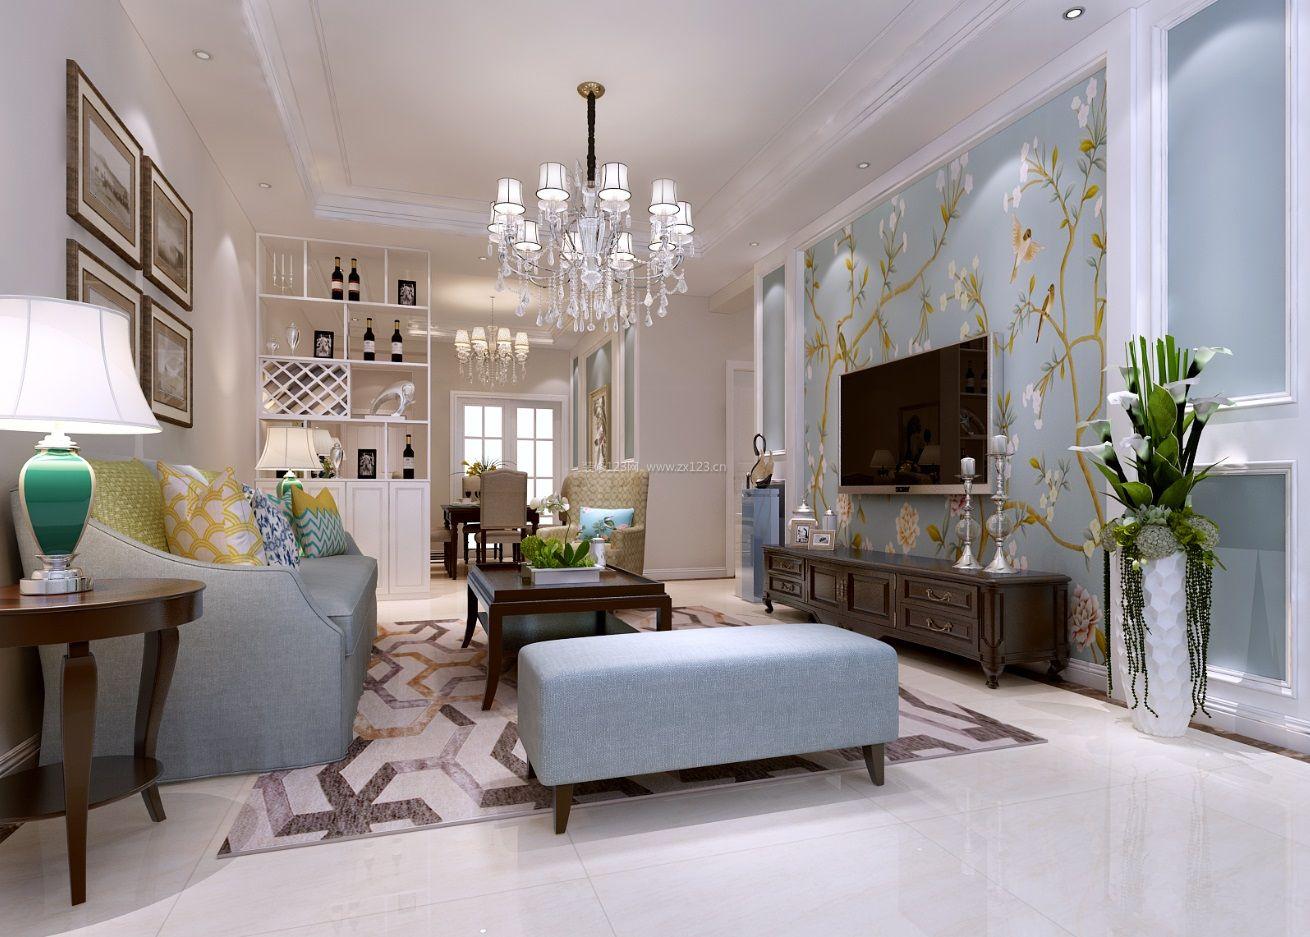 美式混搭风格客厅电视背景墙壁纸装修效果图